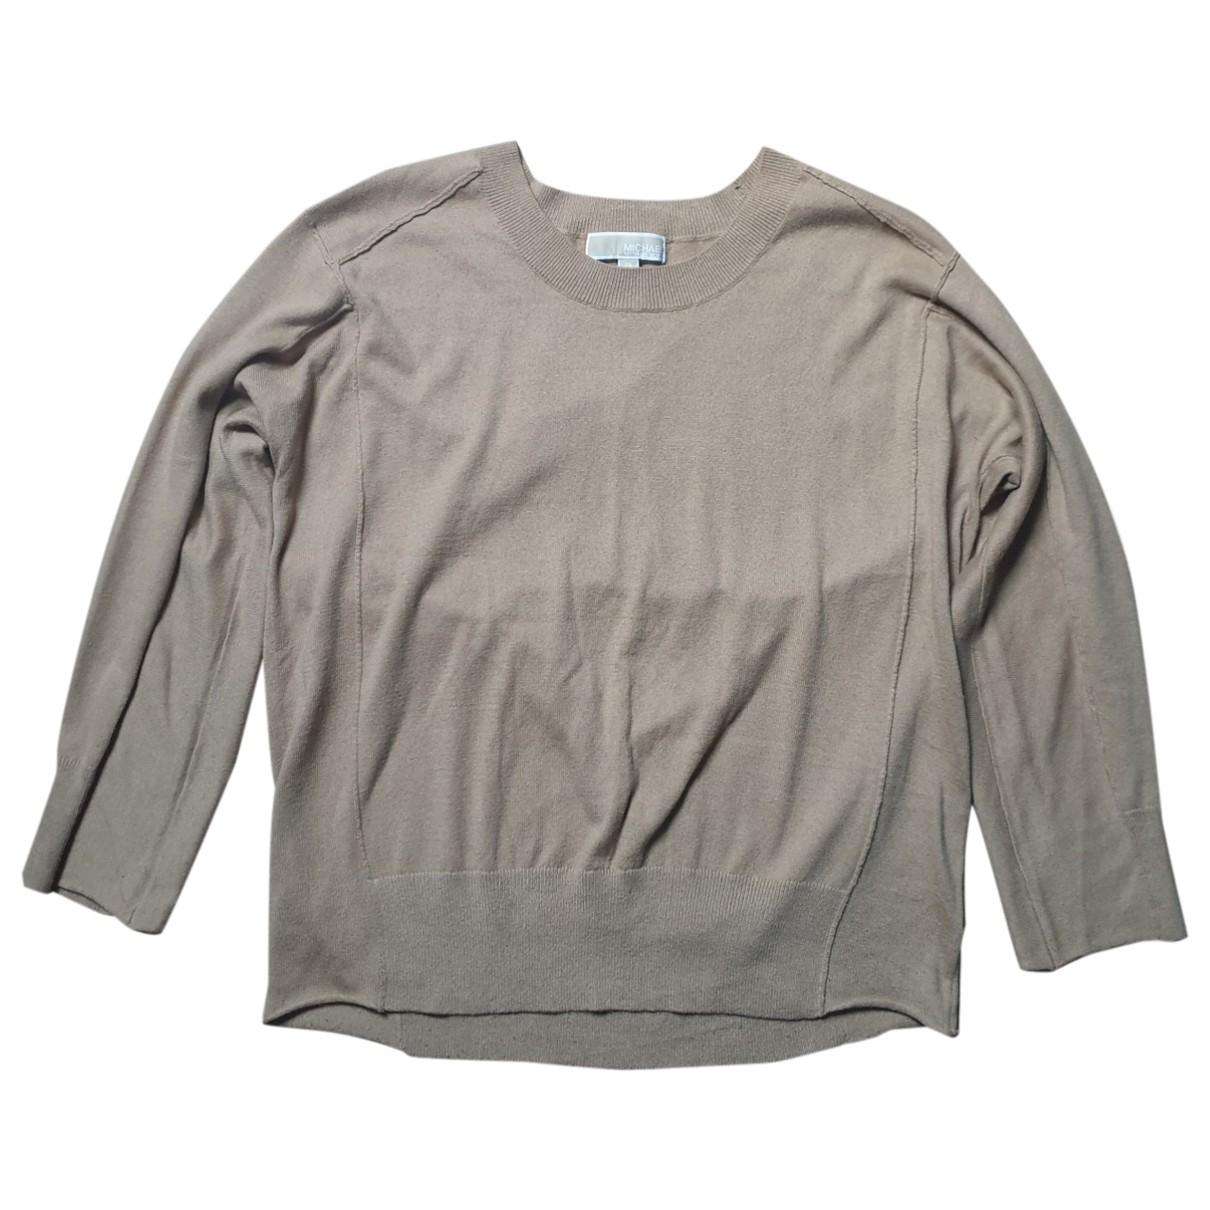 Michael Kors - Pull   pour femme en coton - beige